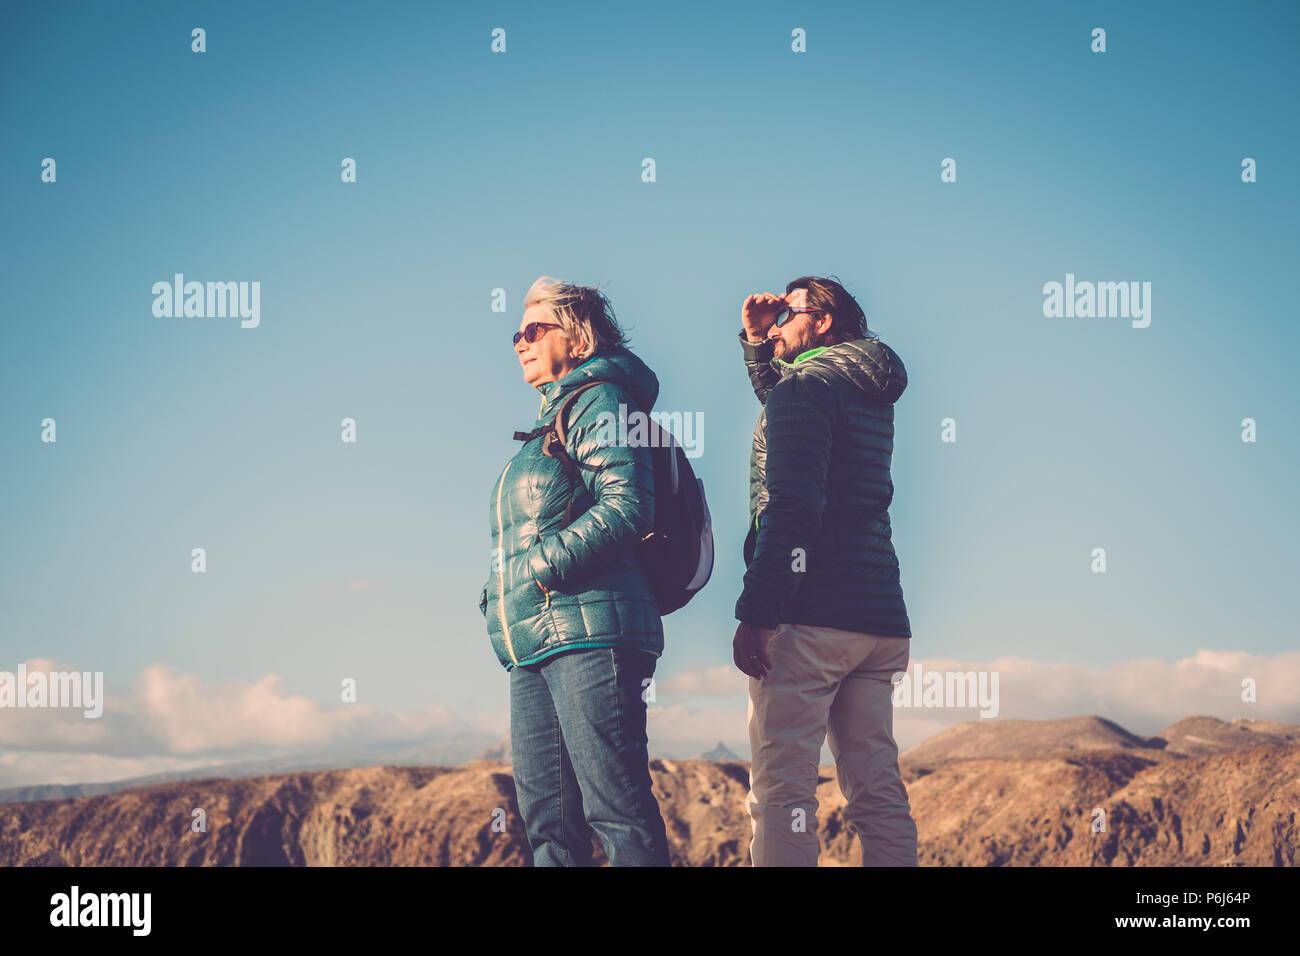 Par de diferentes edades como madre e hijo caminan juntos en actividades de trekking en la cima de una montaña. Senderismo personas activas de ocio al aire libre en el natur Imagen De Stock